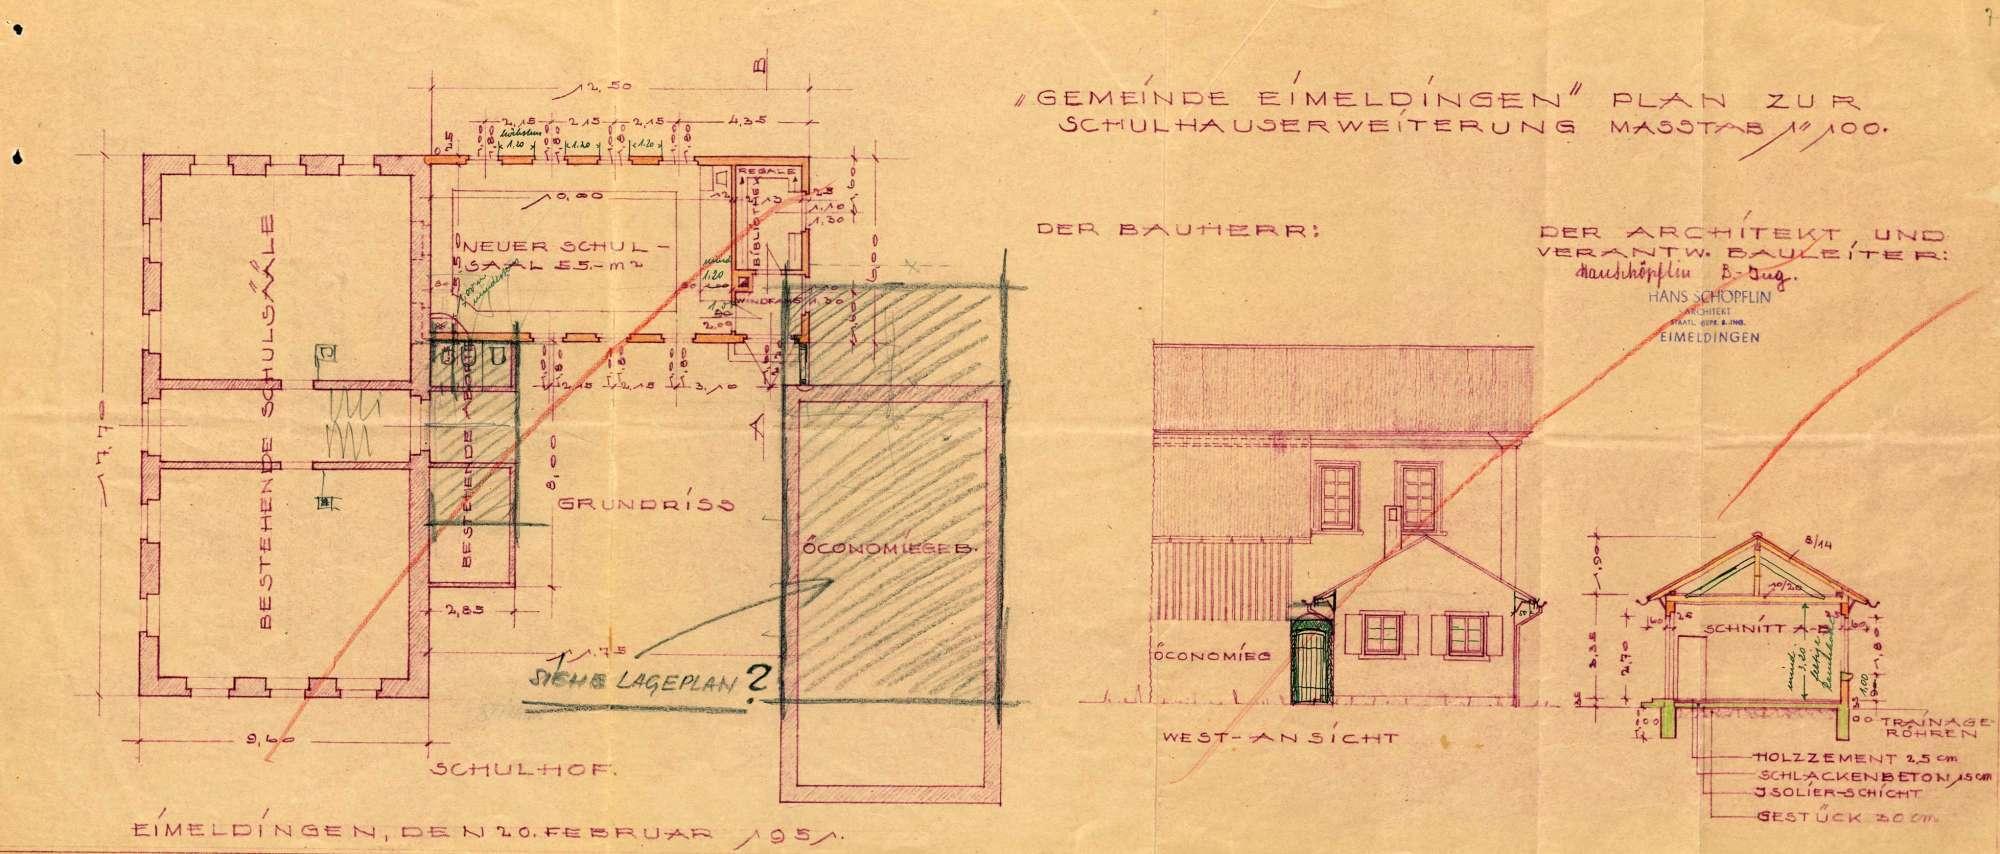 Erstellung eines Schulhauses mit Pissoiranlage in der Gemeinde Eimeldingen, Bild 2